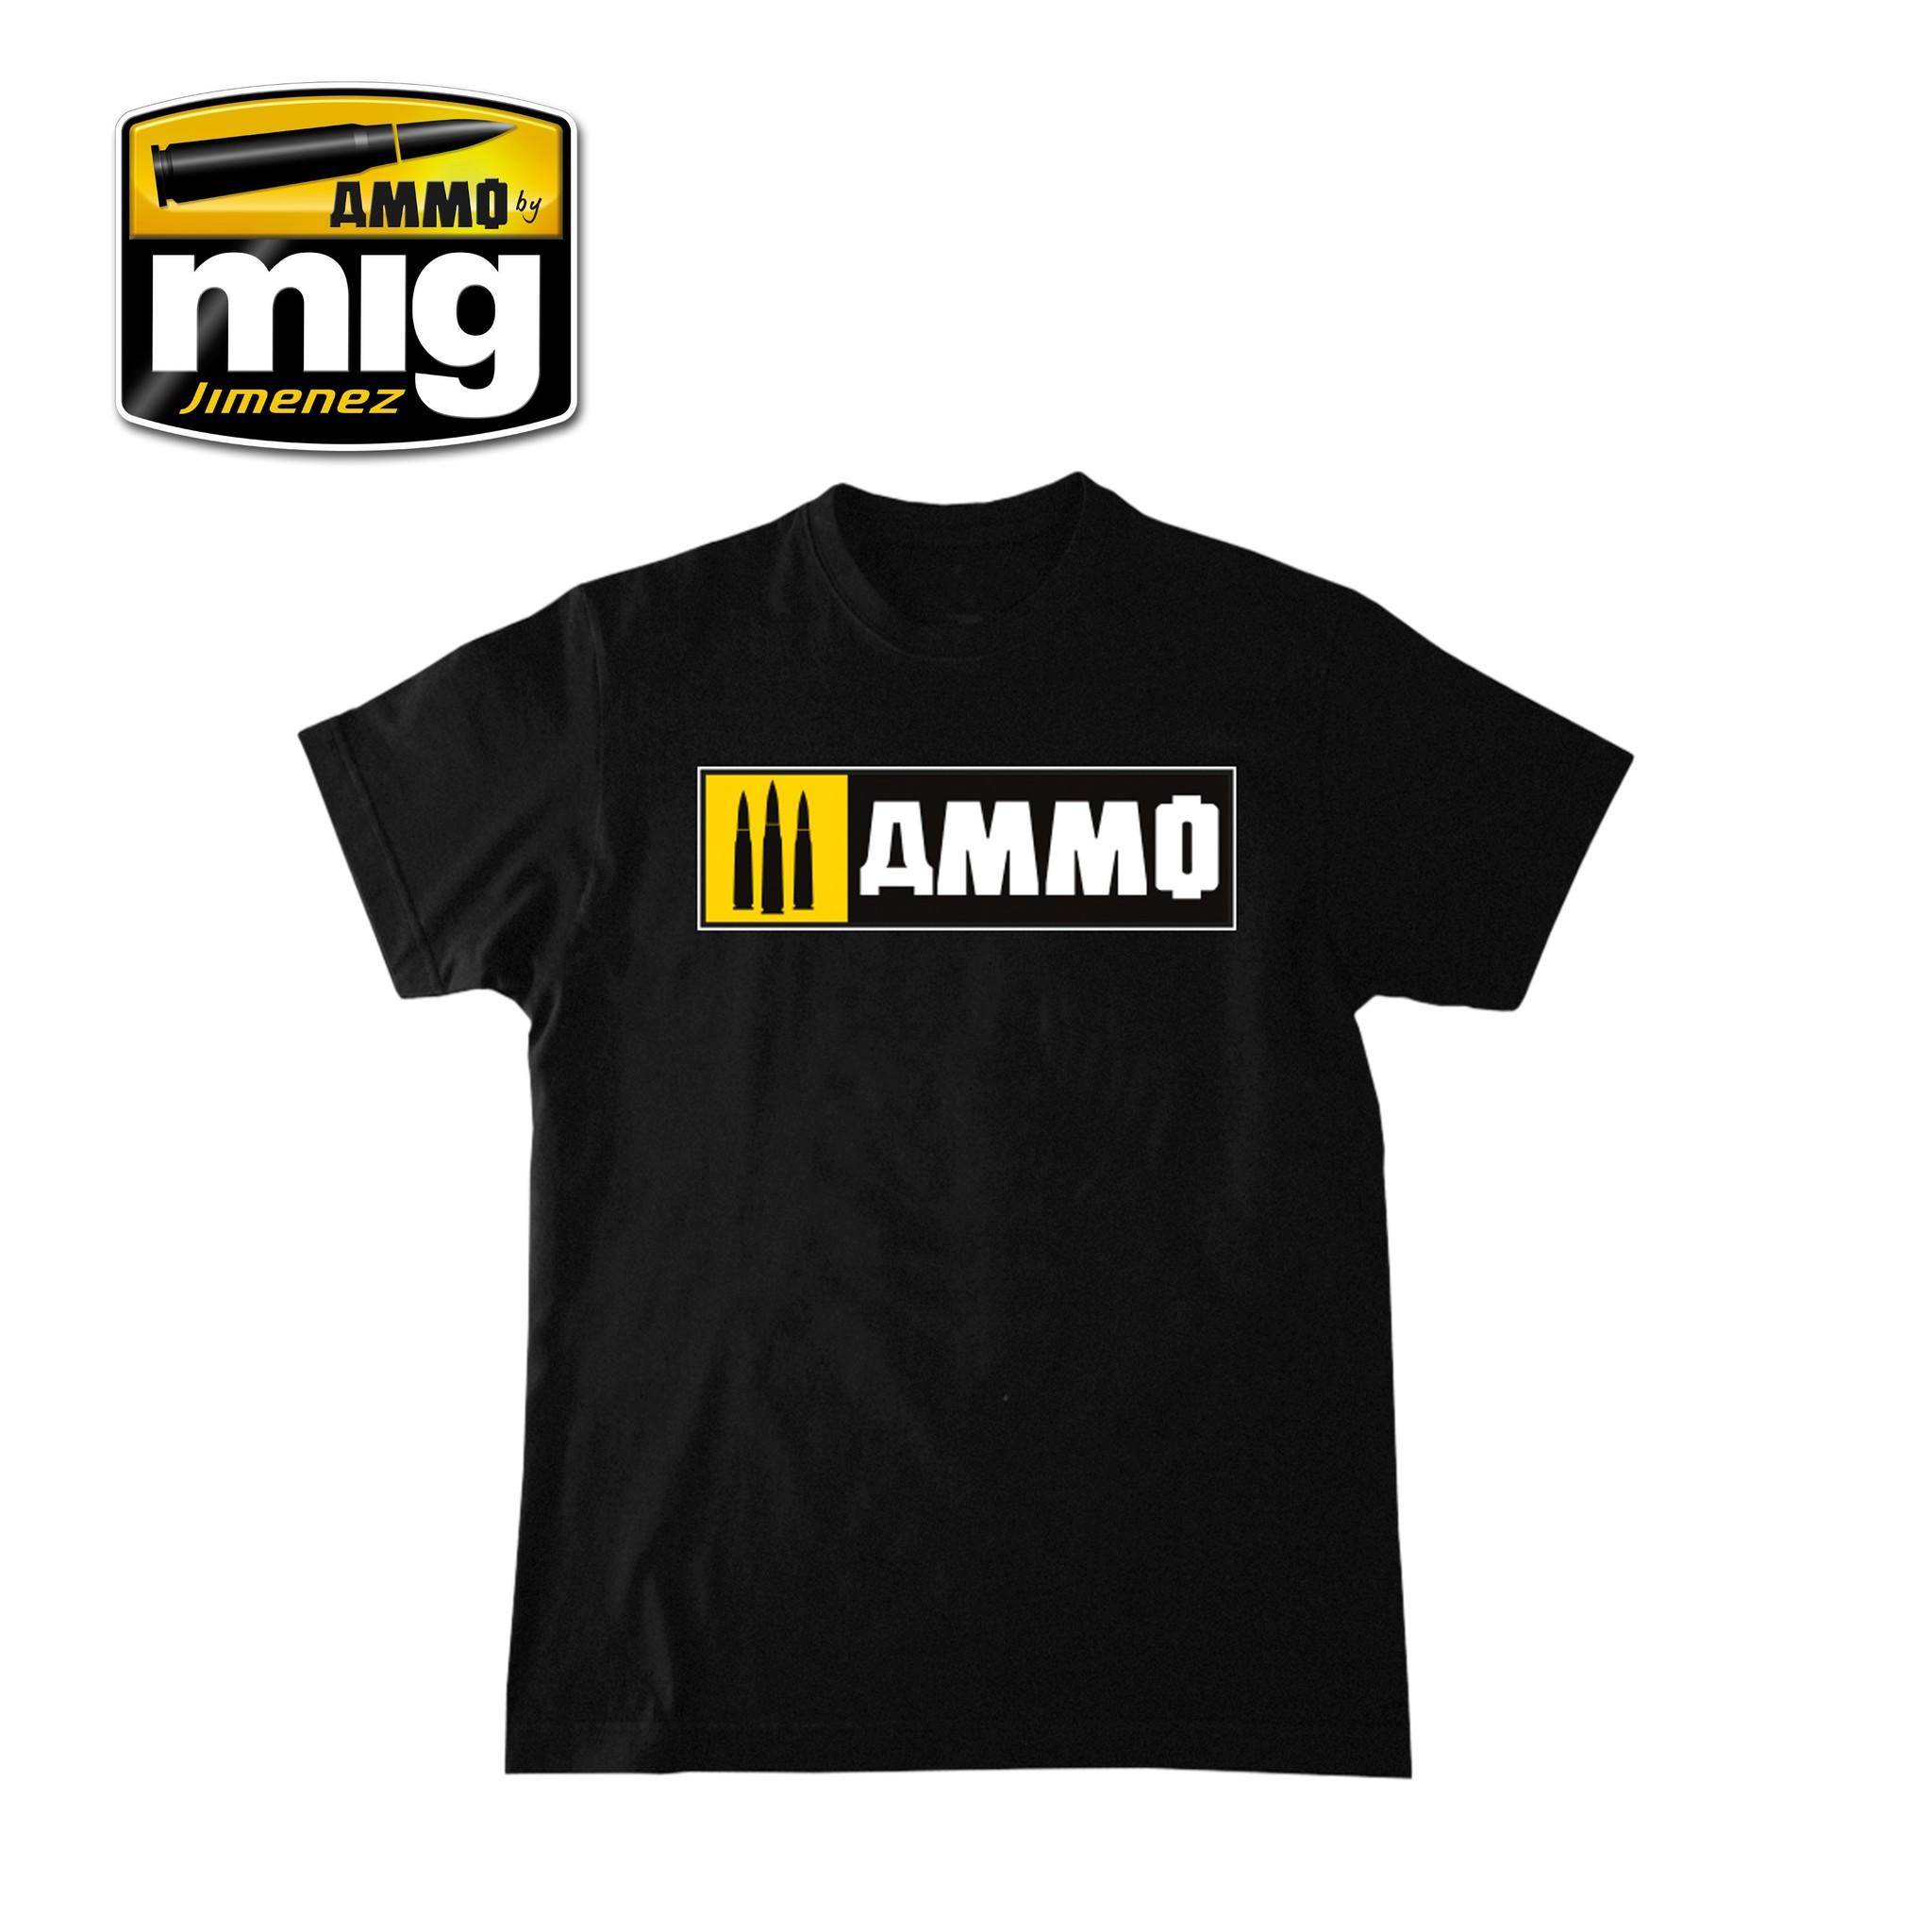 Ammo by Mig Jimenez Merchandise - Ammo Easy Logo T-Shirt - A.MIG-8023